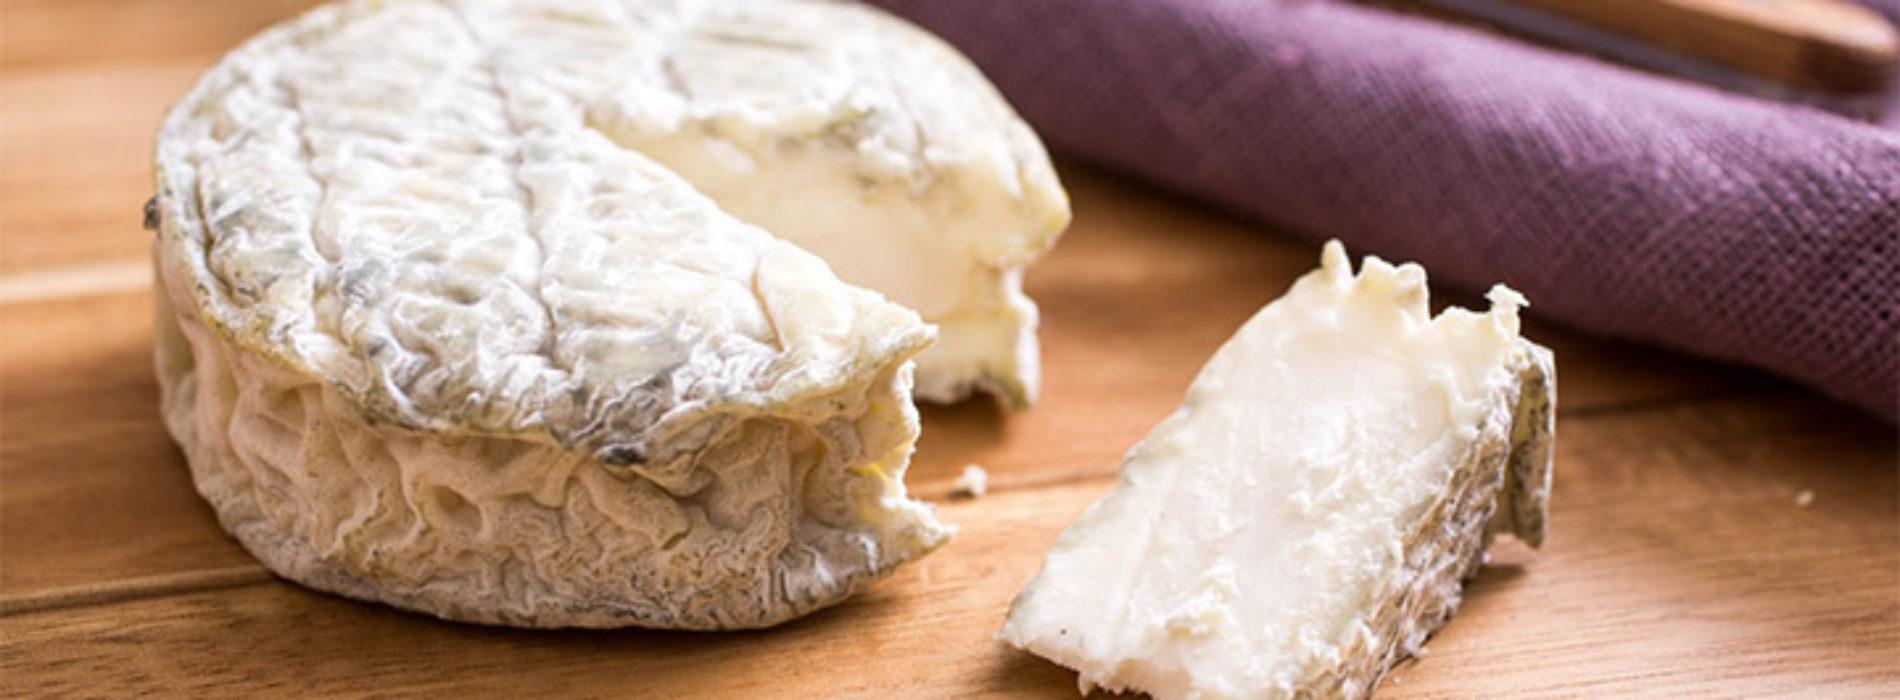 Robiola di Roccaverano e Strachitunt in crisi, dai produttori l'appello a salvare i formaggi dop